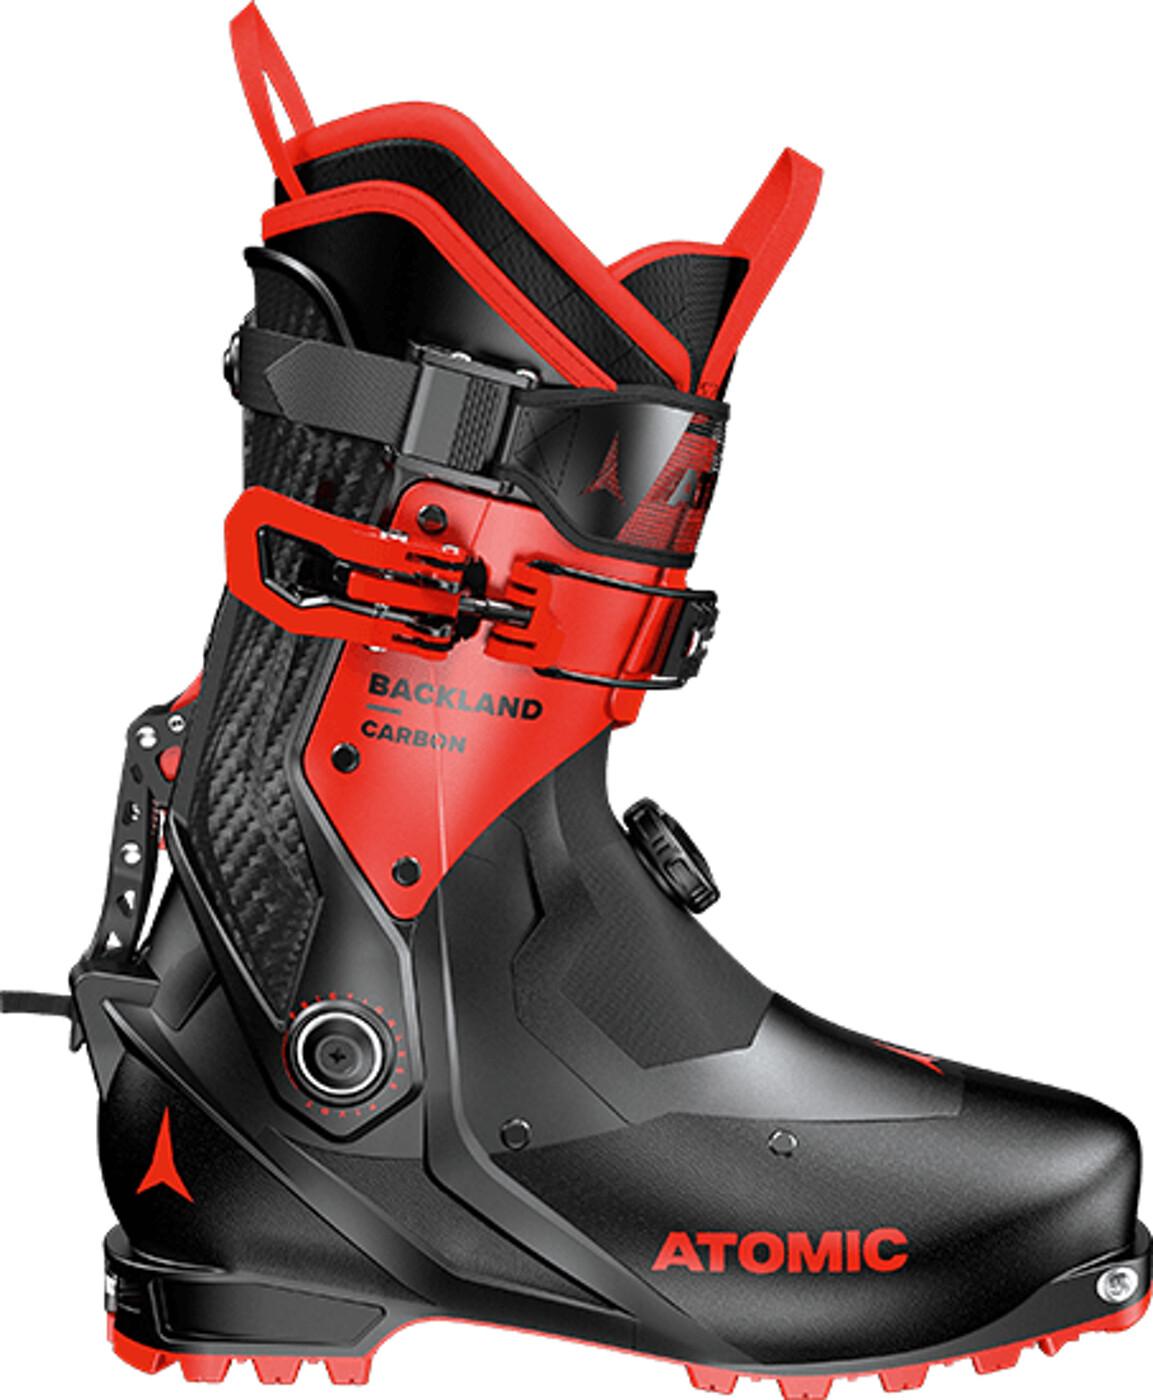 ATOMIC BACKLAND CARBON Black/Red - Herren